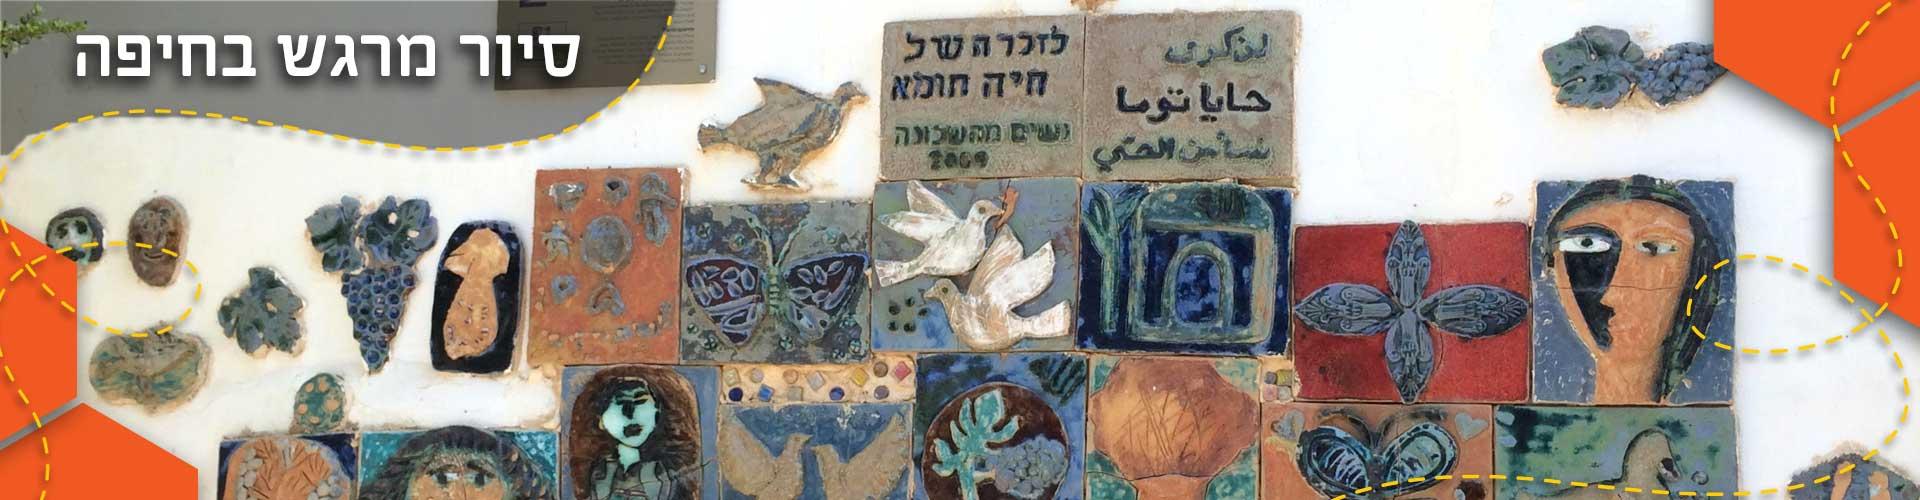 סיור בחיפה